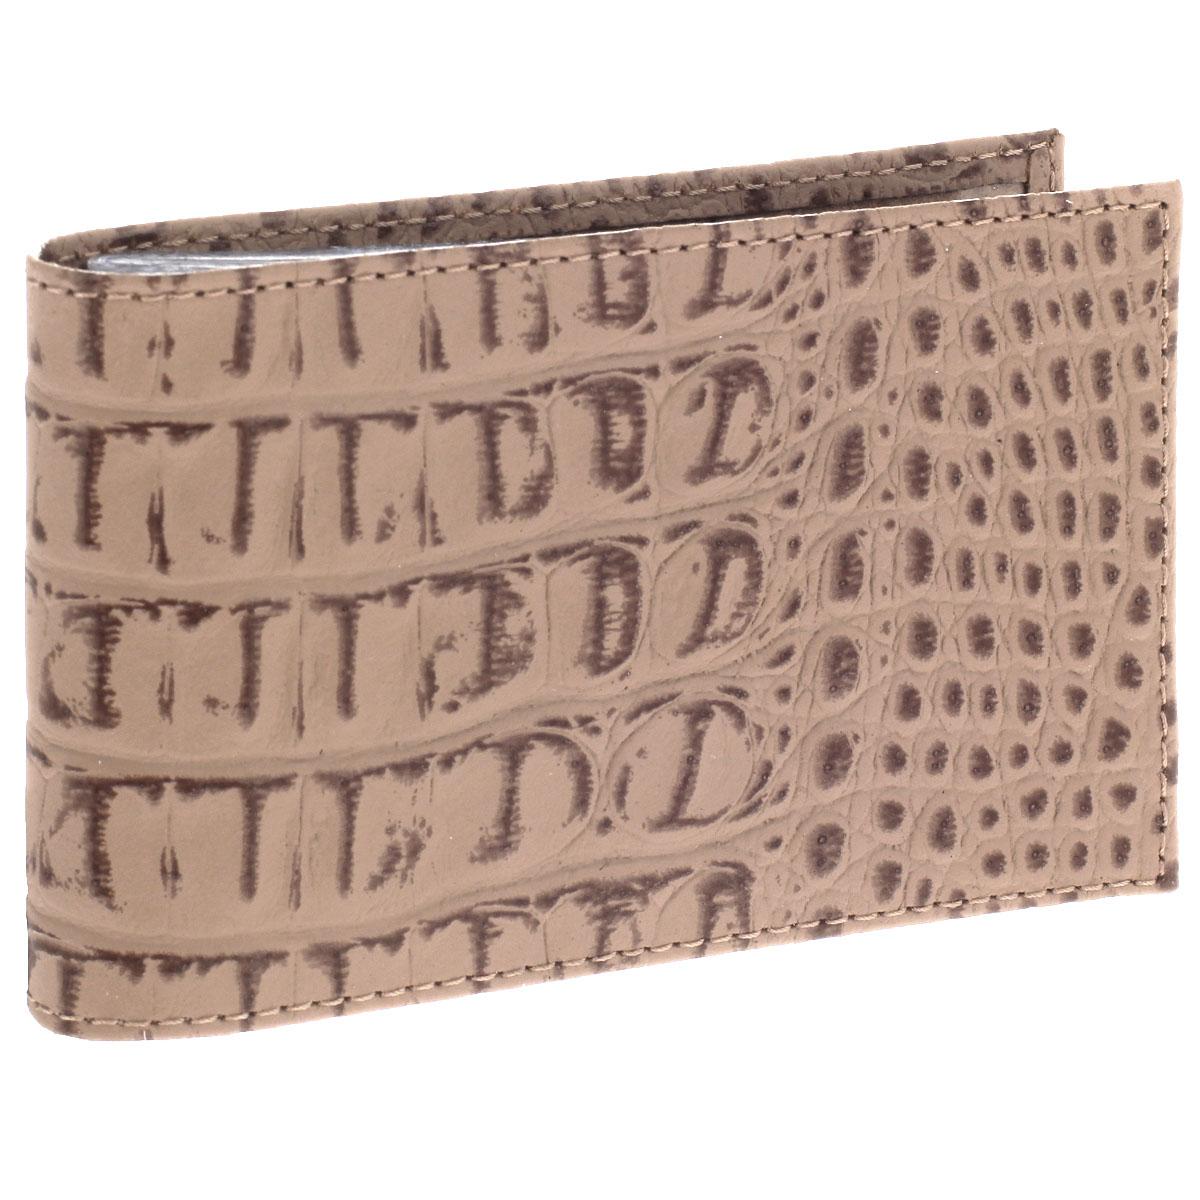 Визитница горизонтальная Befler, цвет: бежевый. V.30.-13MX3024820_WM_SHL_010Ультрамодная горизонтальная визитница Befler изготовлена из натуральной кожи и декорирована тиснением под рептилию. Тыльная сторона оформлена названием бренда. Внутри содержится съемный блок из прозрачного мягкого пластика на 20 визиток, а также 2 удобных горизонтальных кармана. Изделие упаковано в фирменную коробку.Стильная визитница подчеркнет вашу индивидуальность и изысканный вкус, а также станет замечательным подарком человеку, ценящему качественные и практичные вещи.